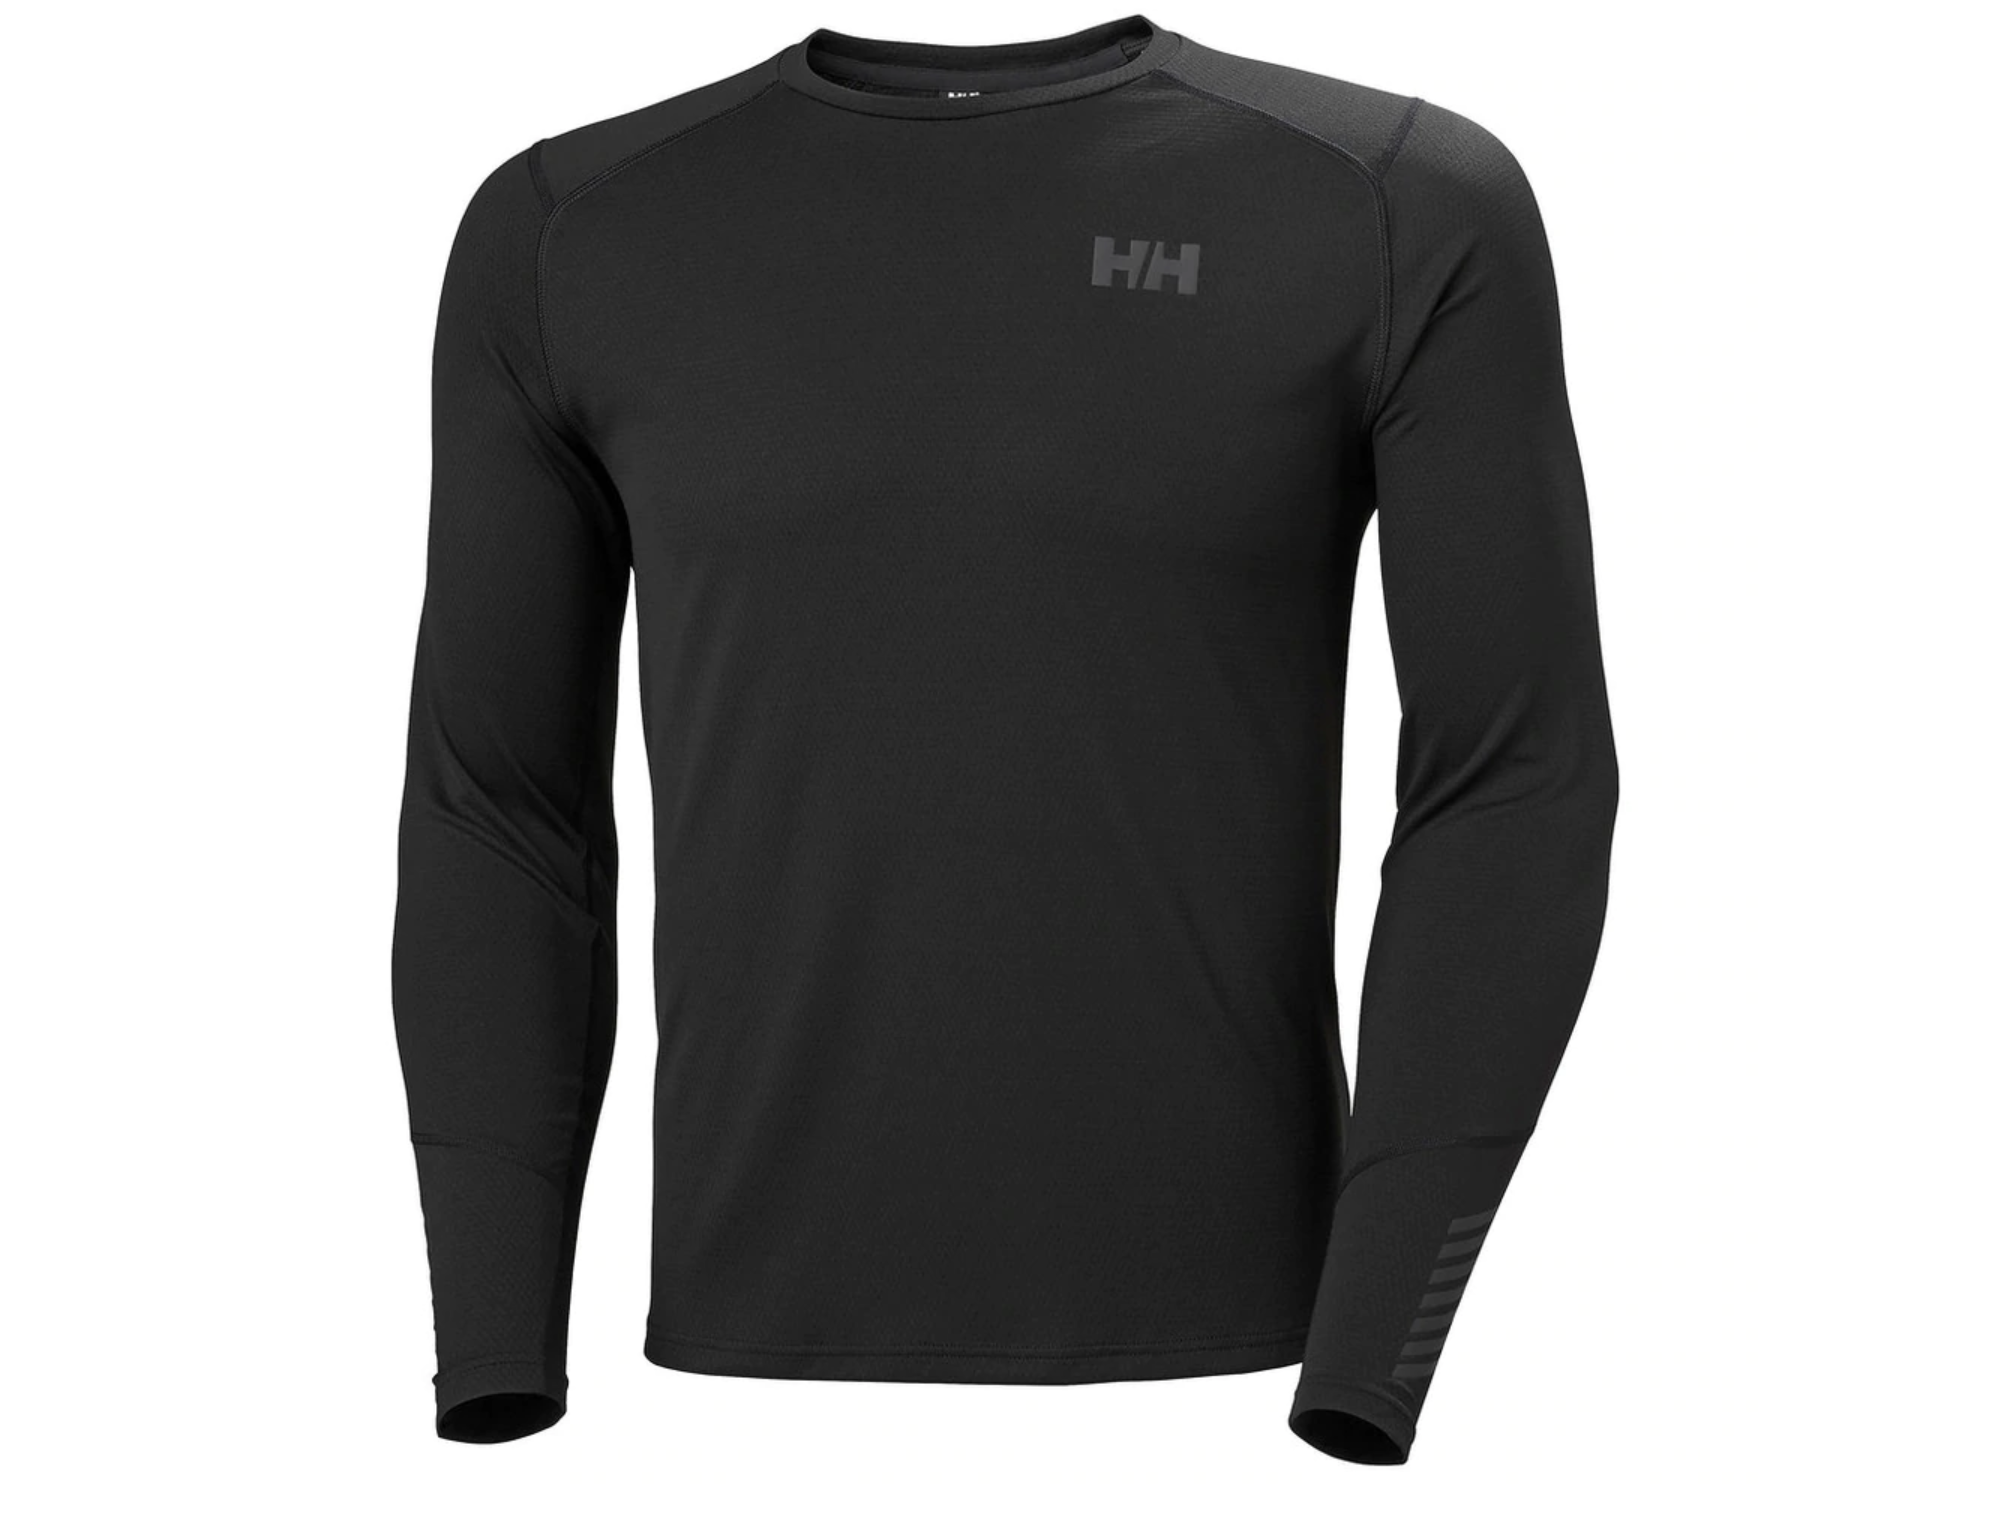 Camiseta térmica de hombre Lifa Active Crew Helly Hansen